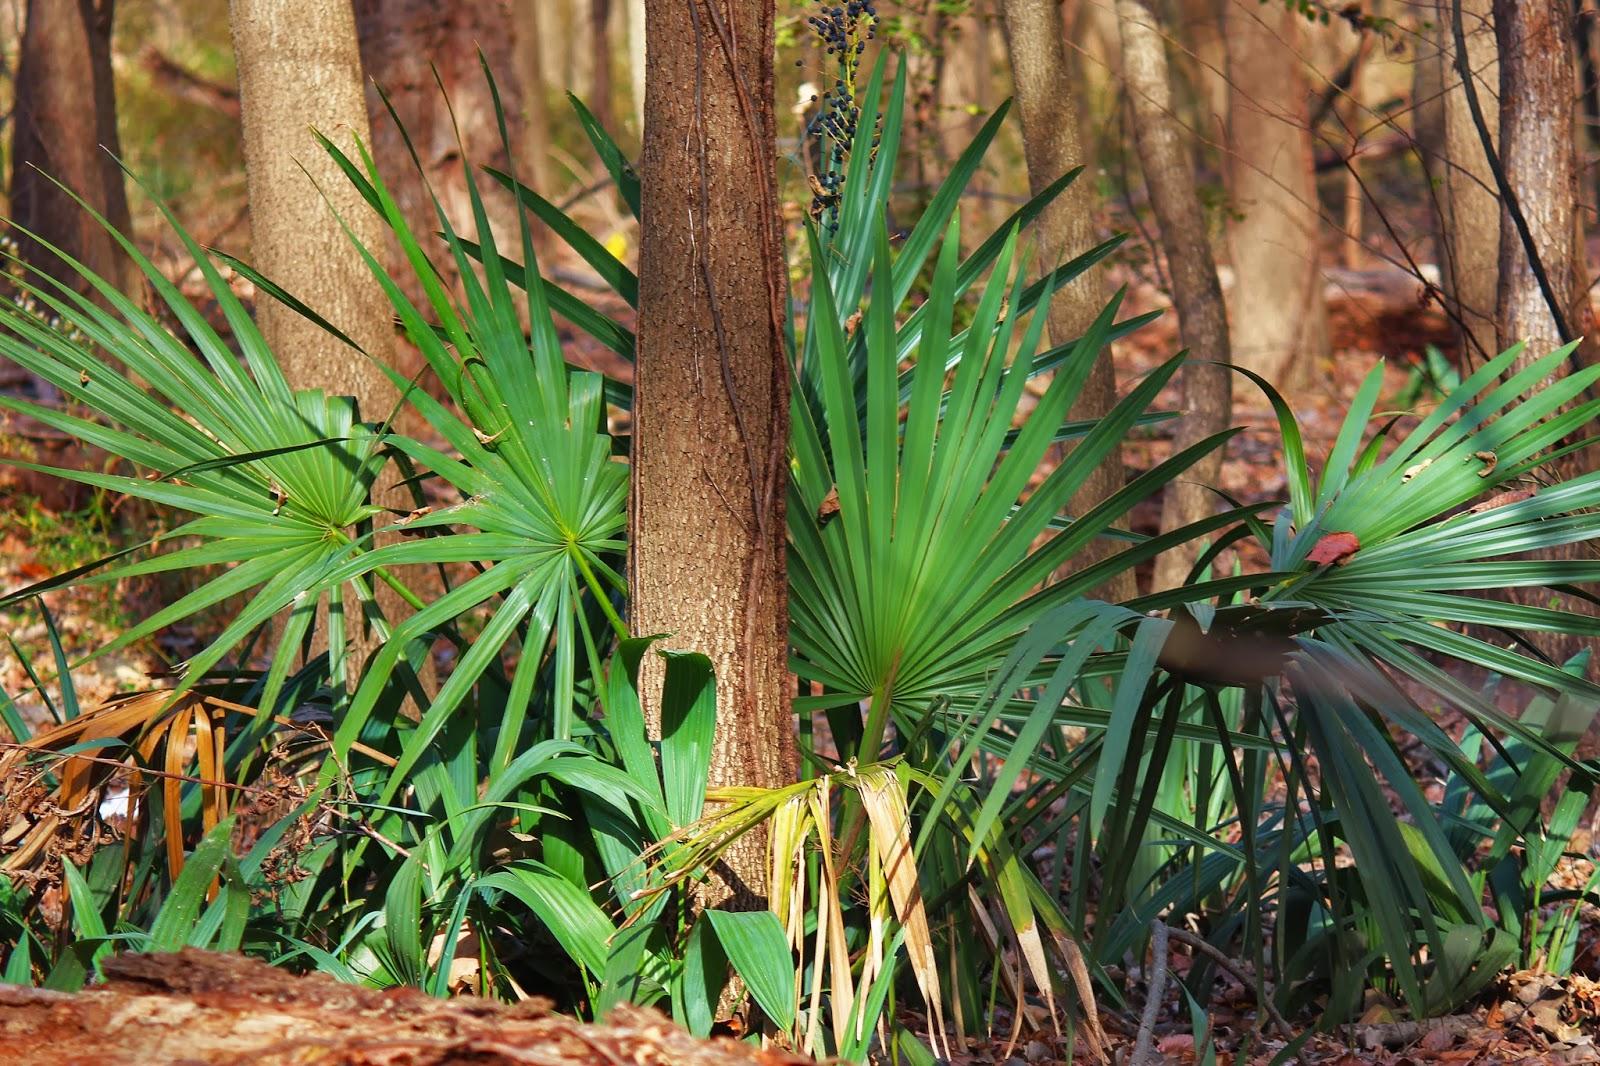 dwarf palmetto